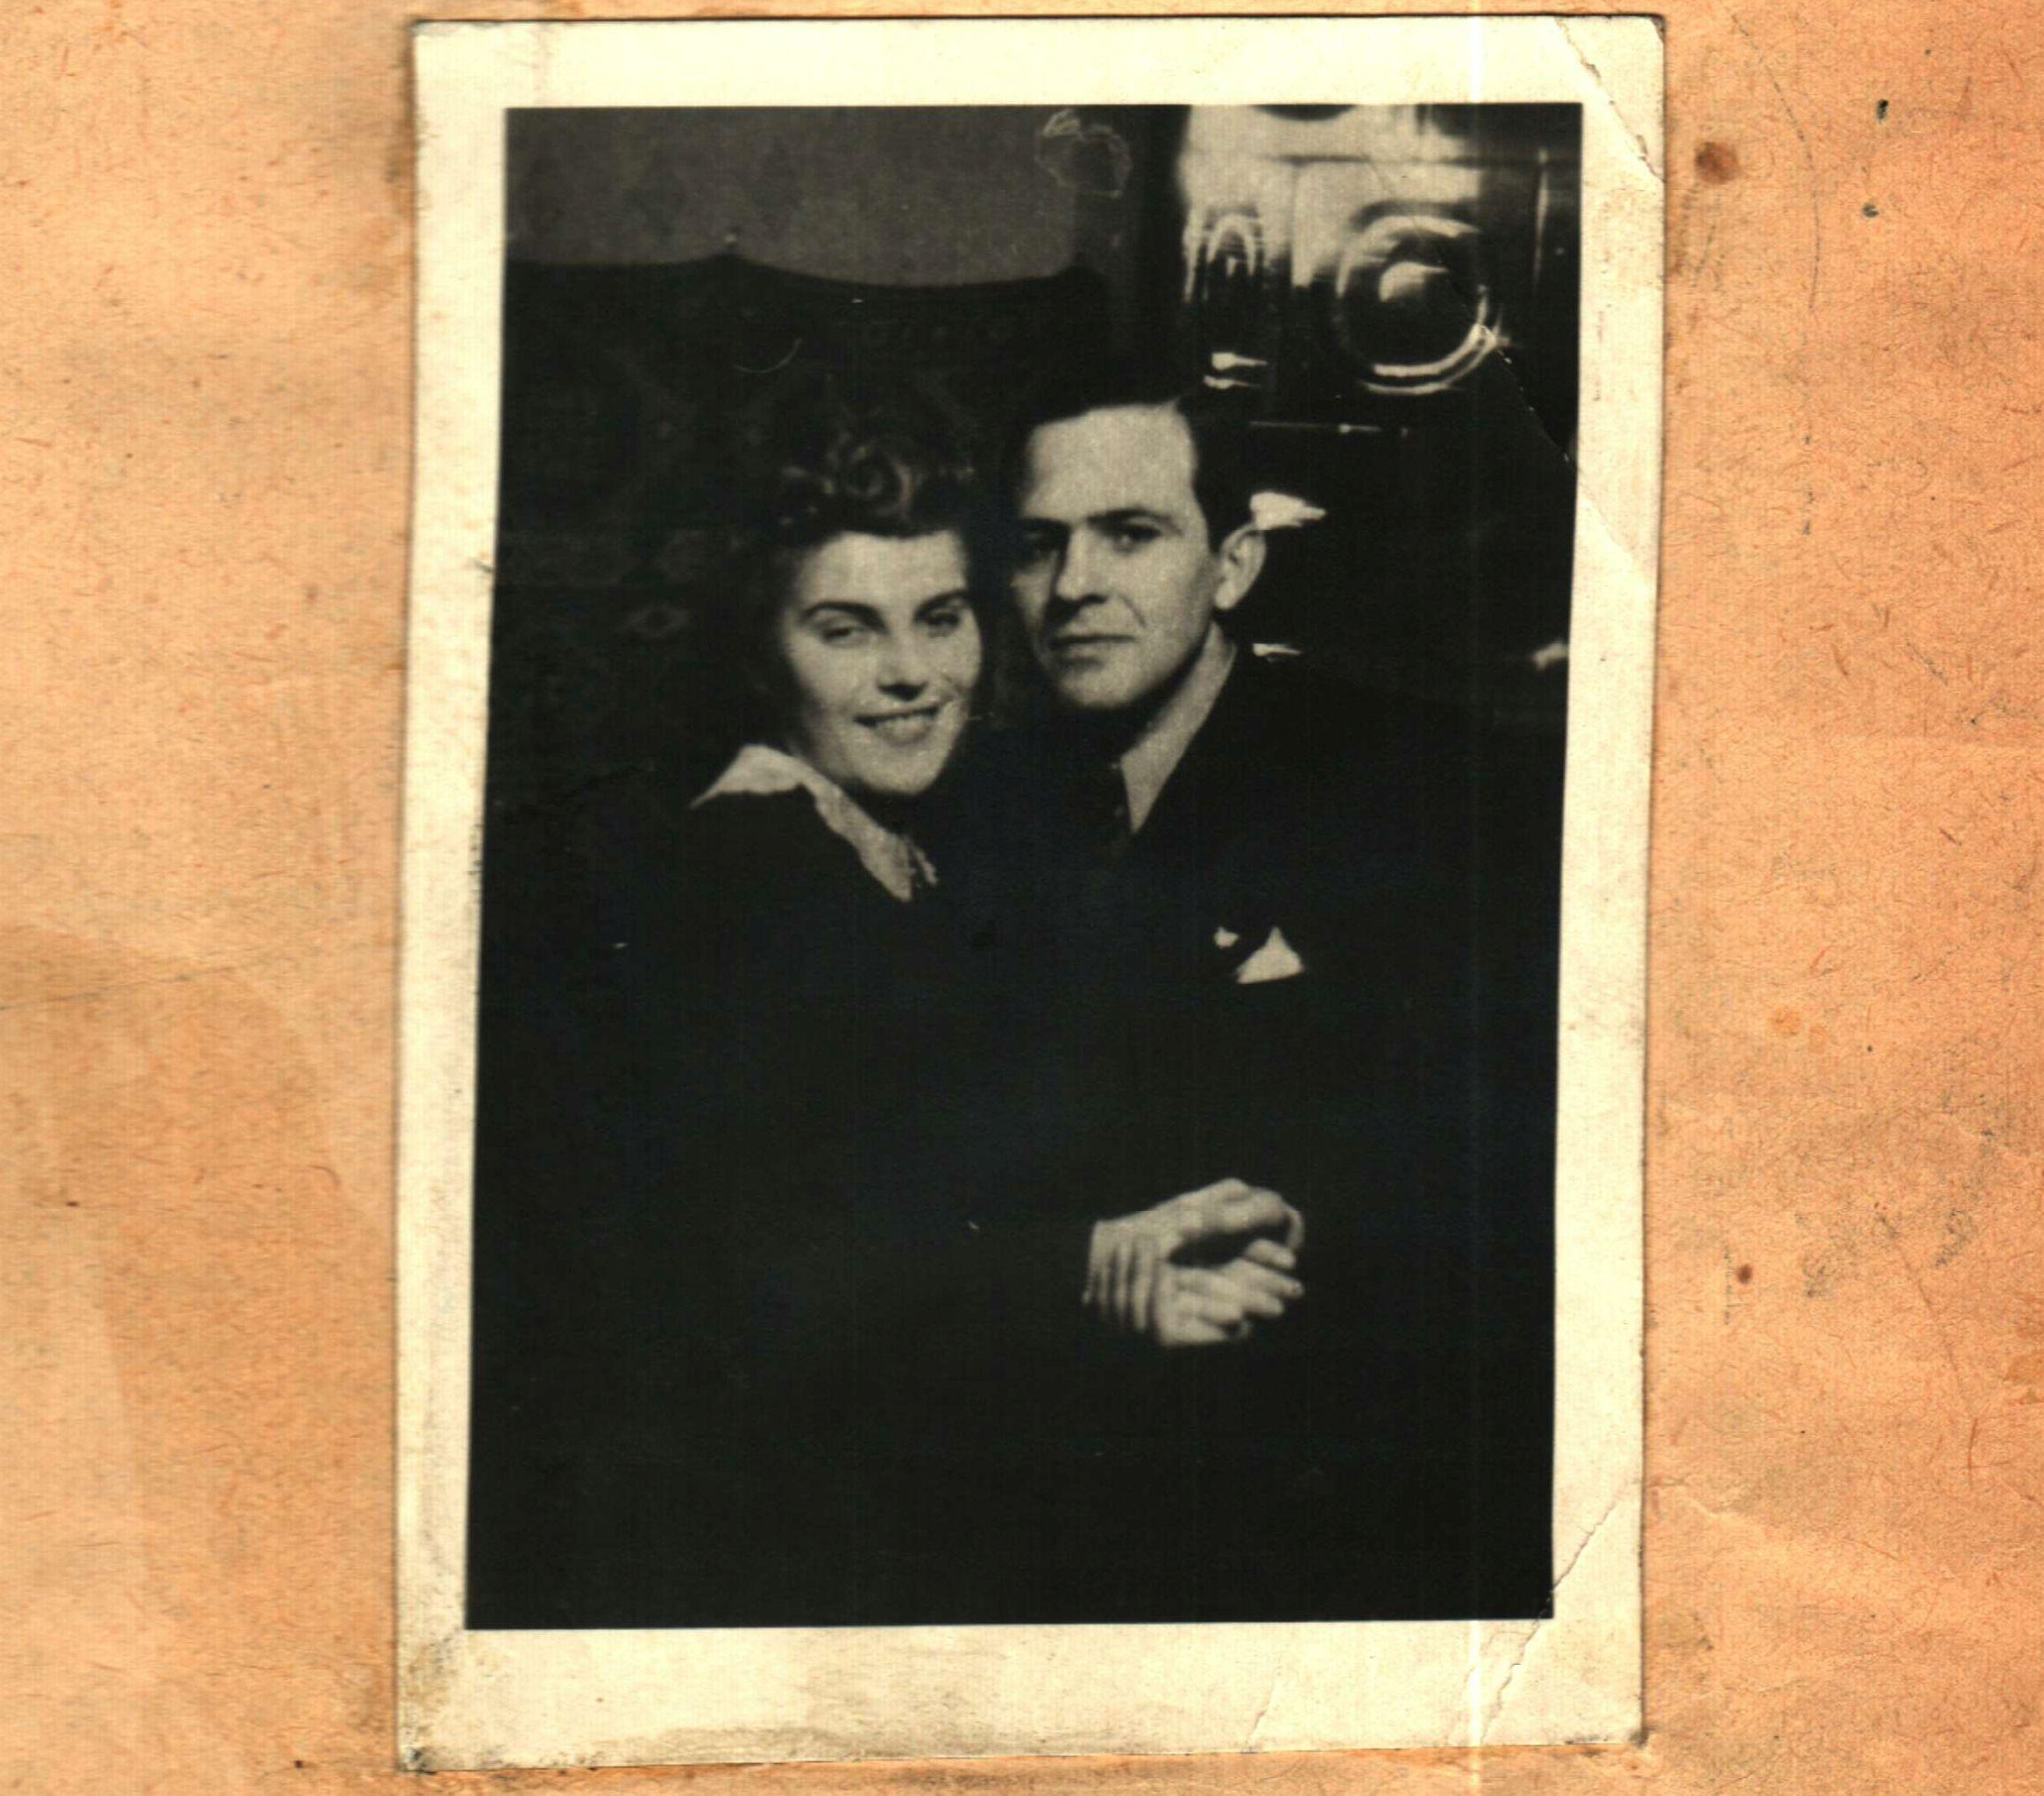 Jedyne zachowane do dziś zdjęcie szczęśliwego małżeństwa Władysława i Heleny Mazurkiewiczów (zdjęcie pochodzi z rękopisu Zygmunta Hofmokl-Ostrowskiego